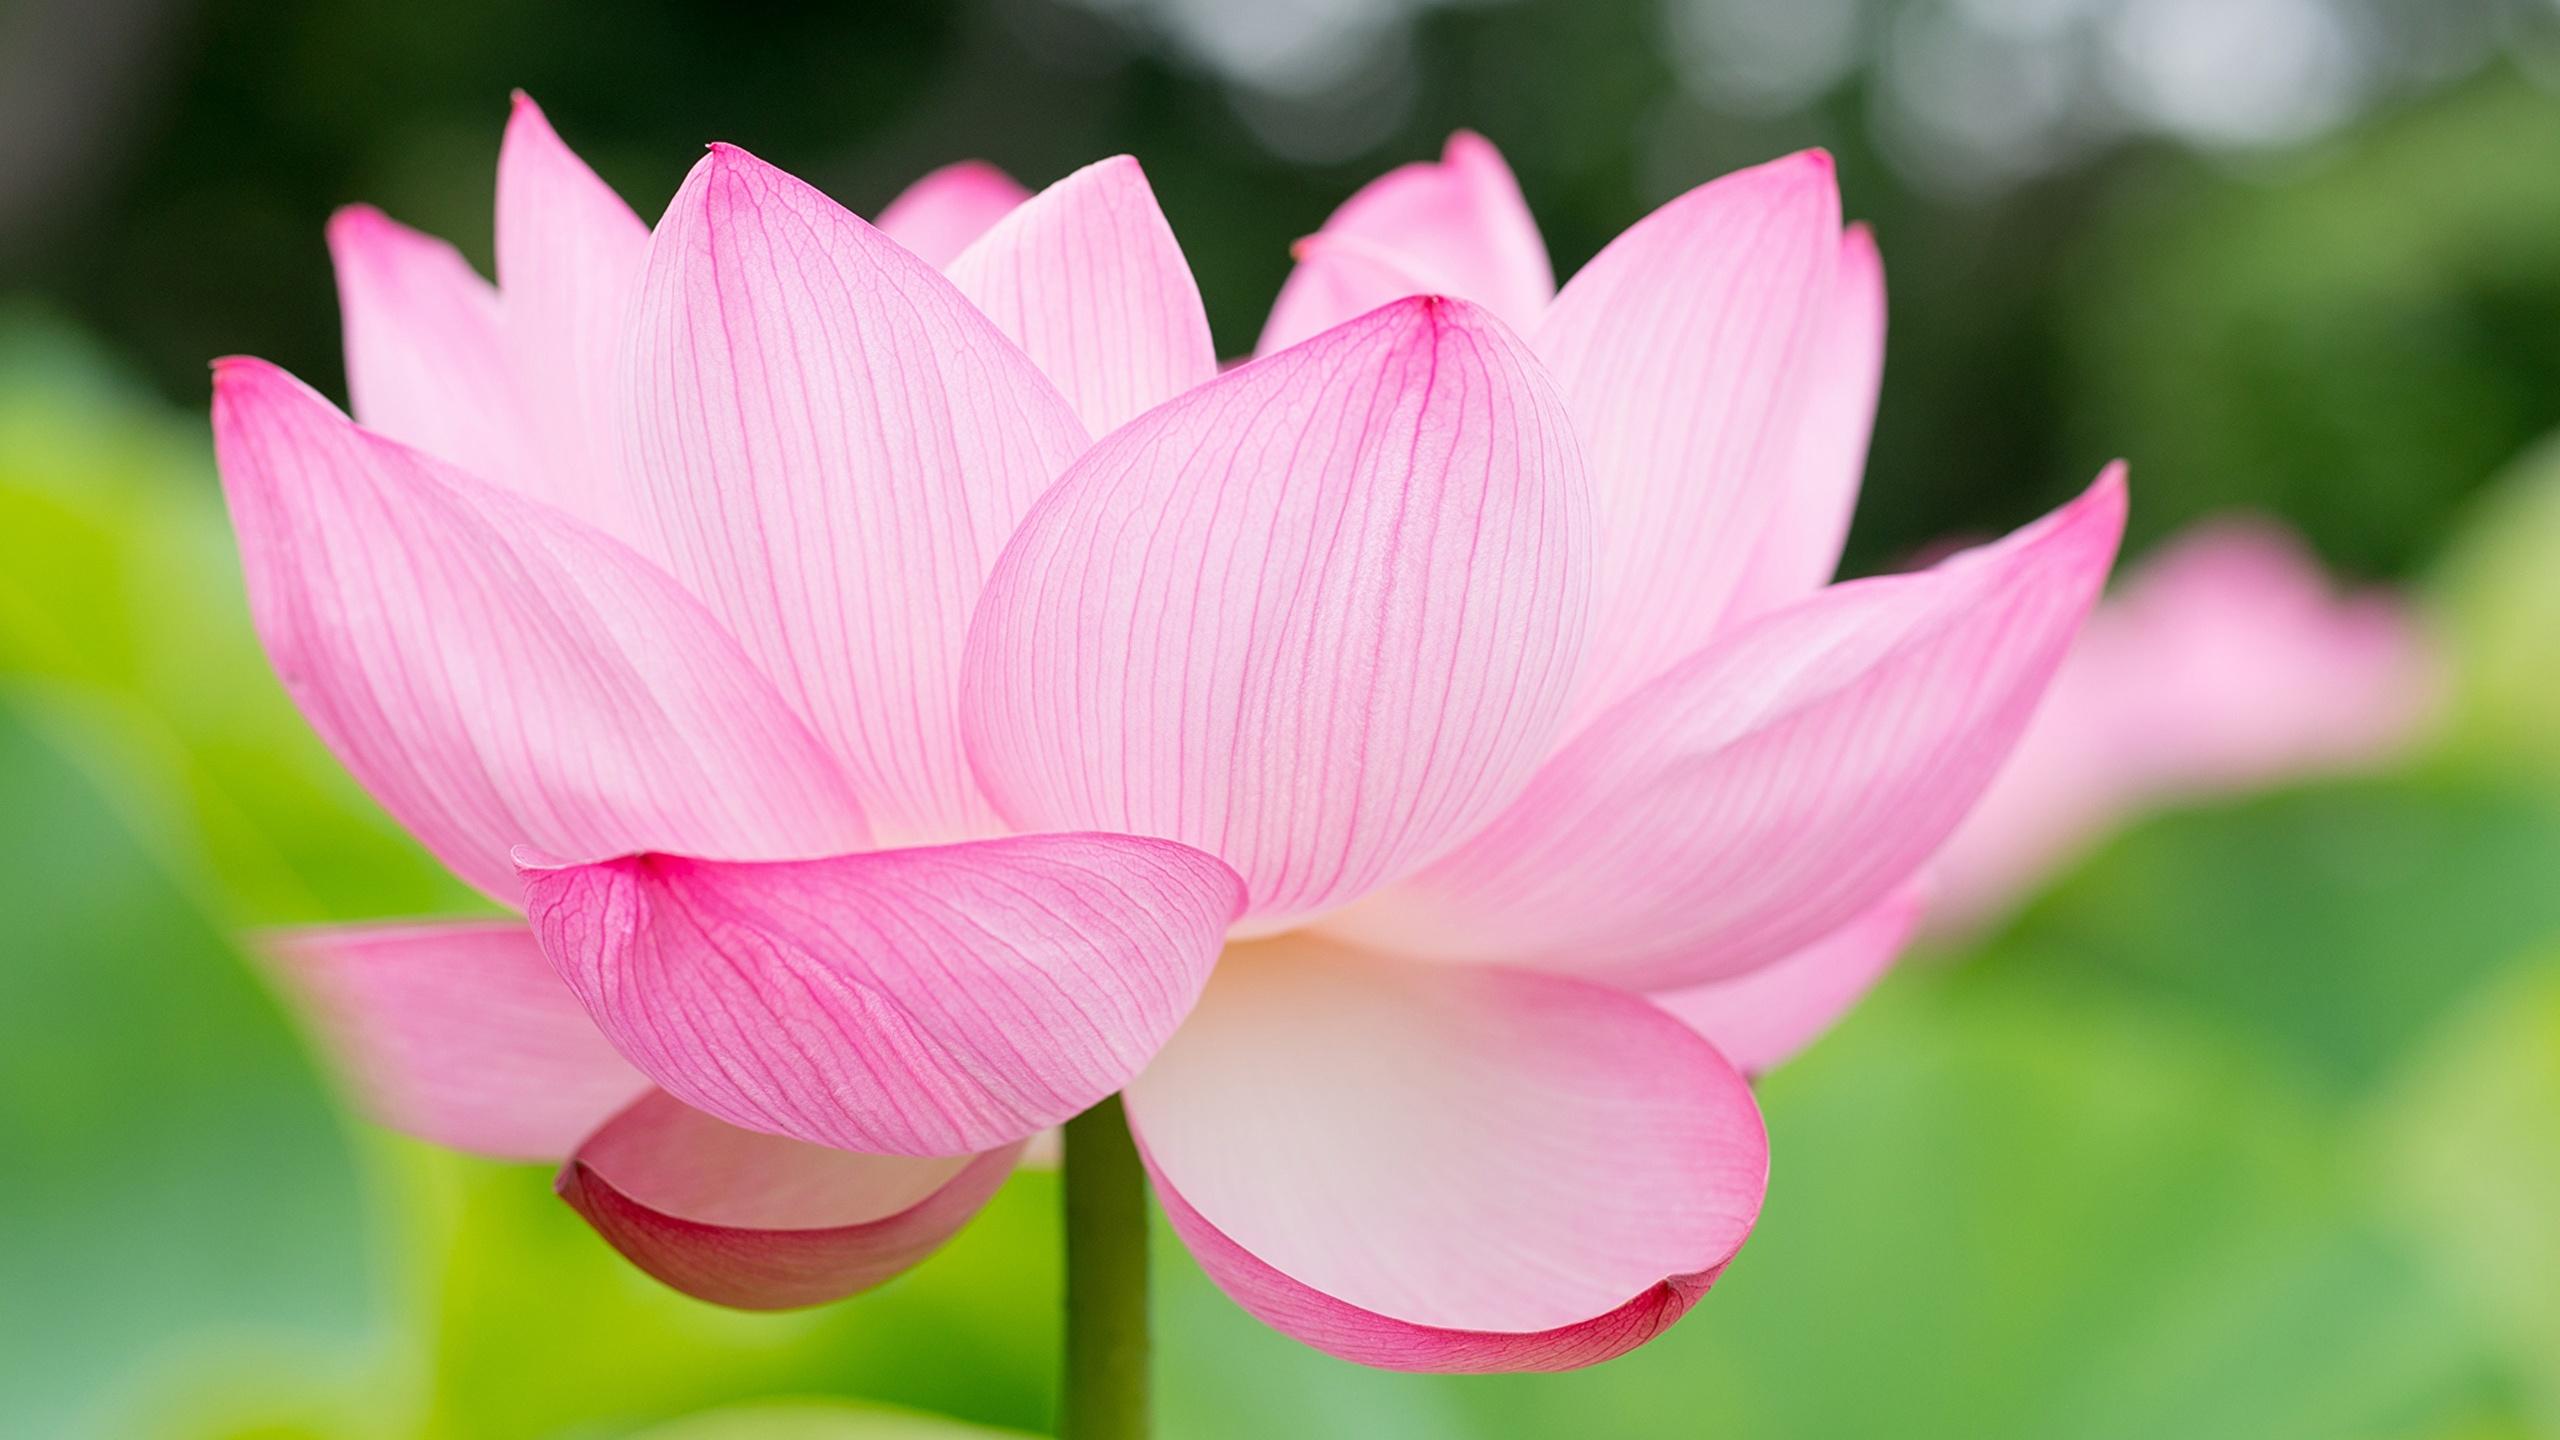 Bilder Rosa Farbe Blumen Lotosblume Großansicht 2560x1440 Lotus Blüte hautnah Nahaufnahme